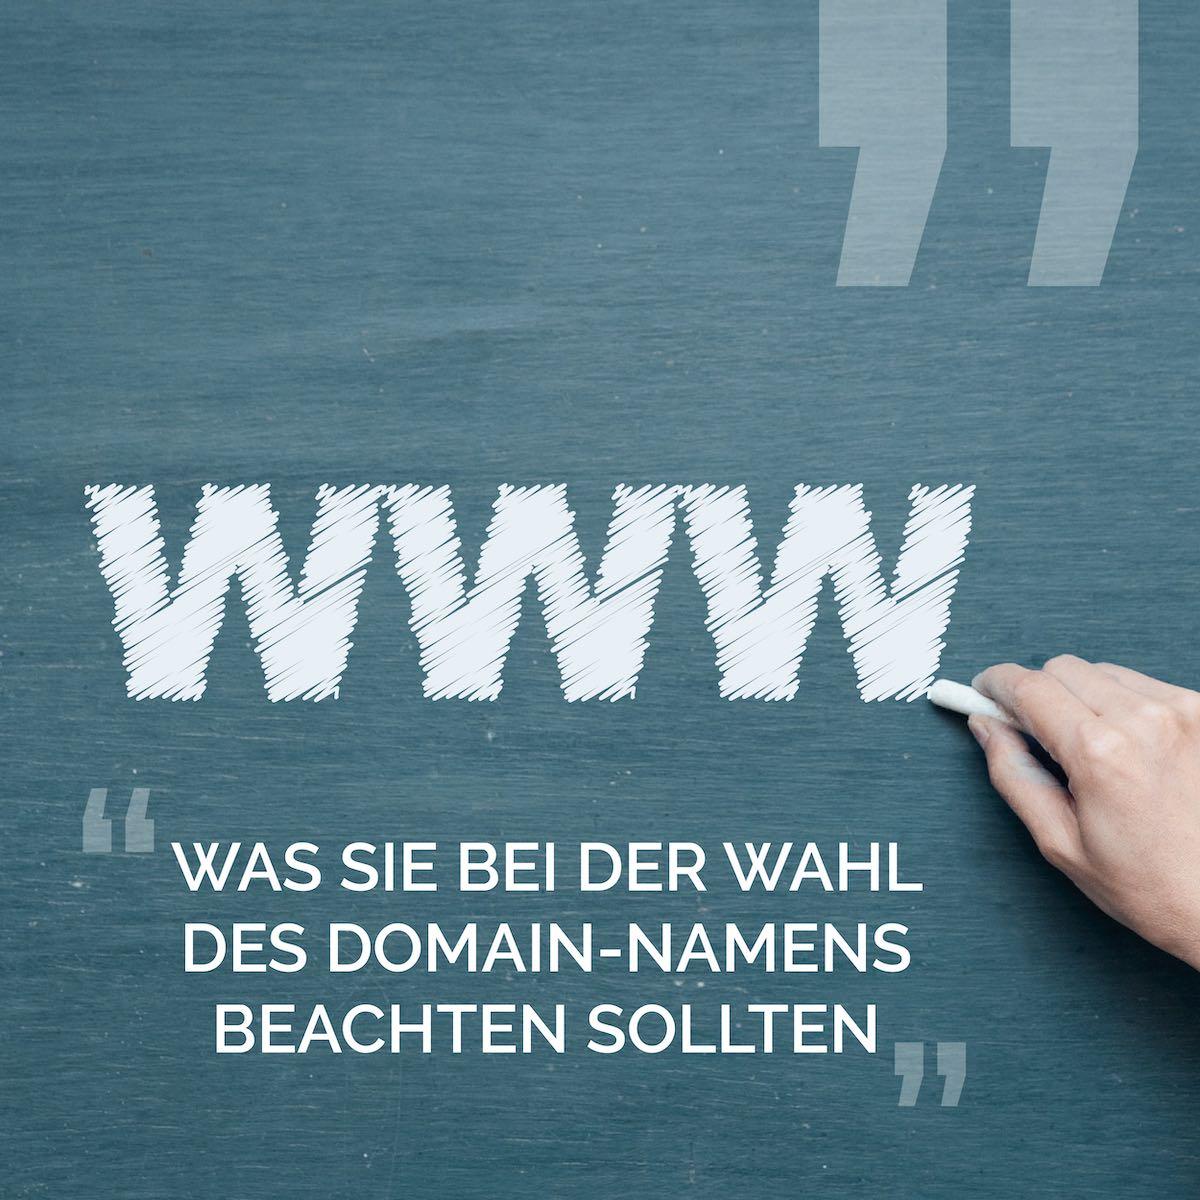 geschmacksRaum_WERBEAGENTUR_Was_Sie_bei_der_Wahl_des_Domain-Namens_beachten_sollten-f